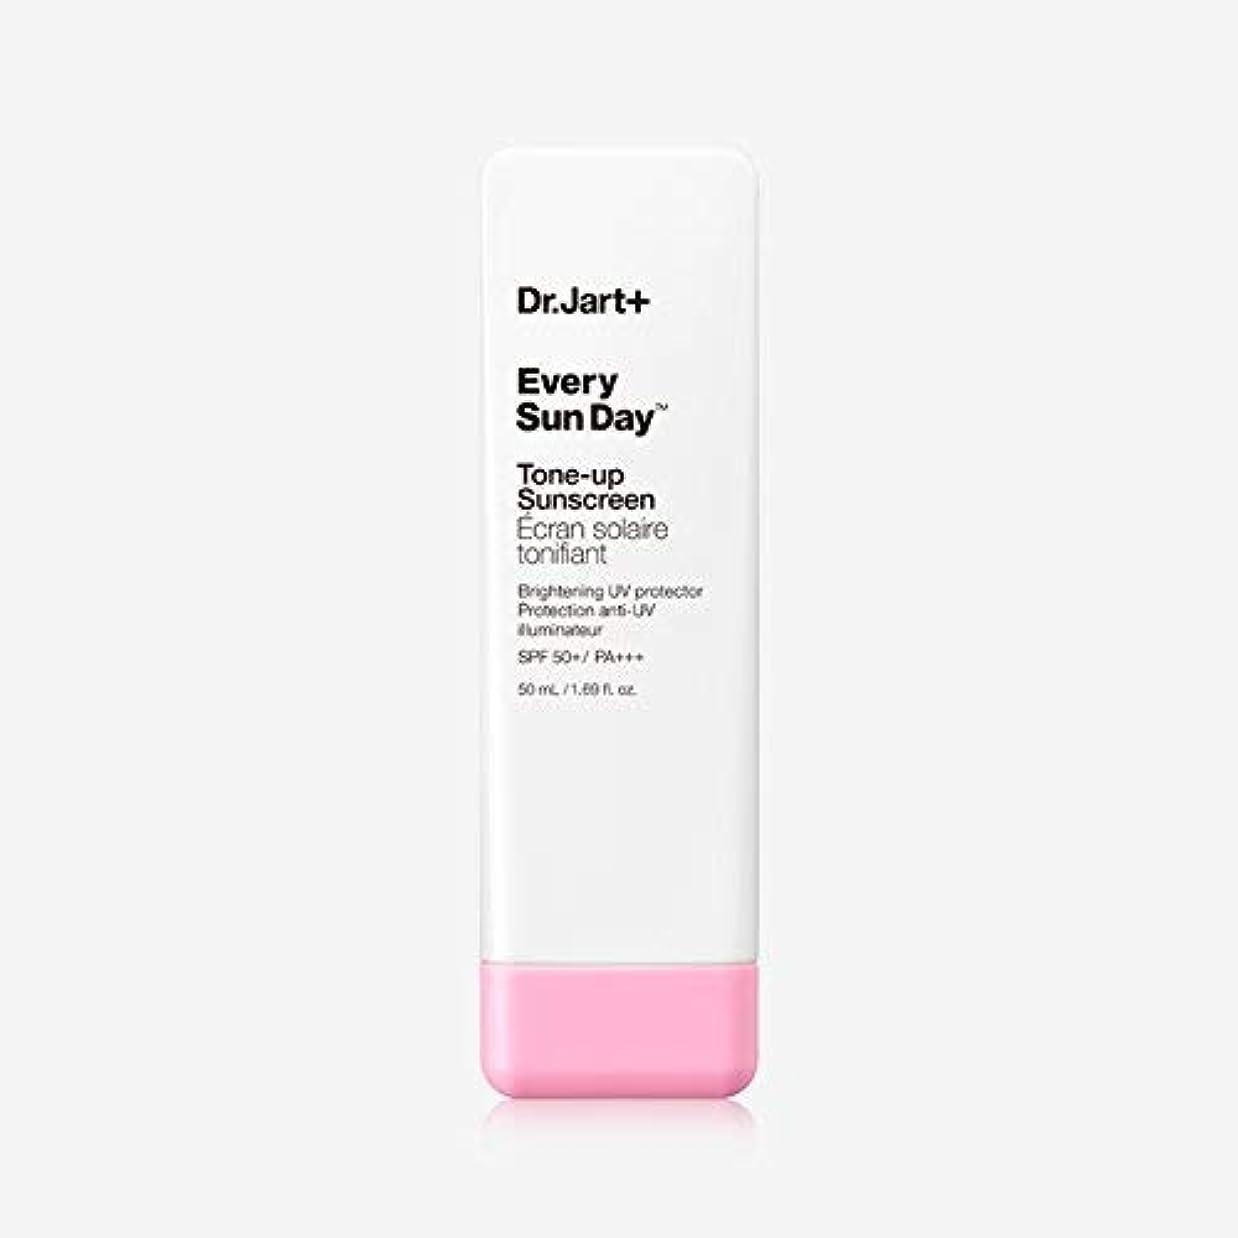 維持含む睡眠Dr.Jart+ Every Sun Day Tone-up Sunscreen SPF50+ PA+++ 50ml / ドクタージャルトゥエヴリサンデートーンアップサンスクリーンSPF50+PA+++50ml [並行輸入品]